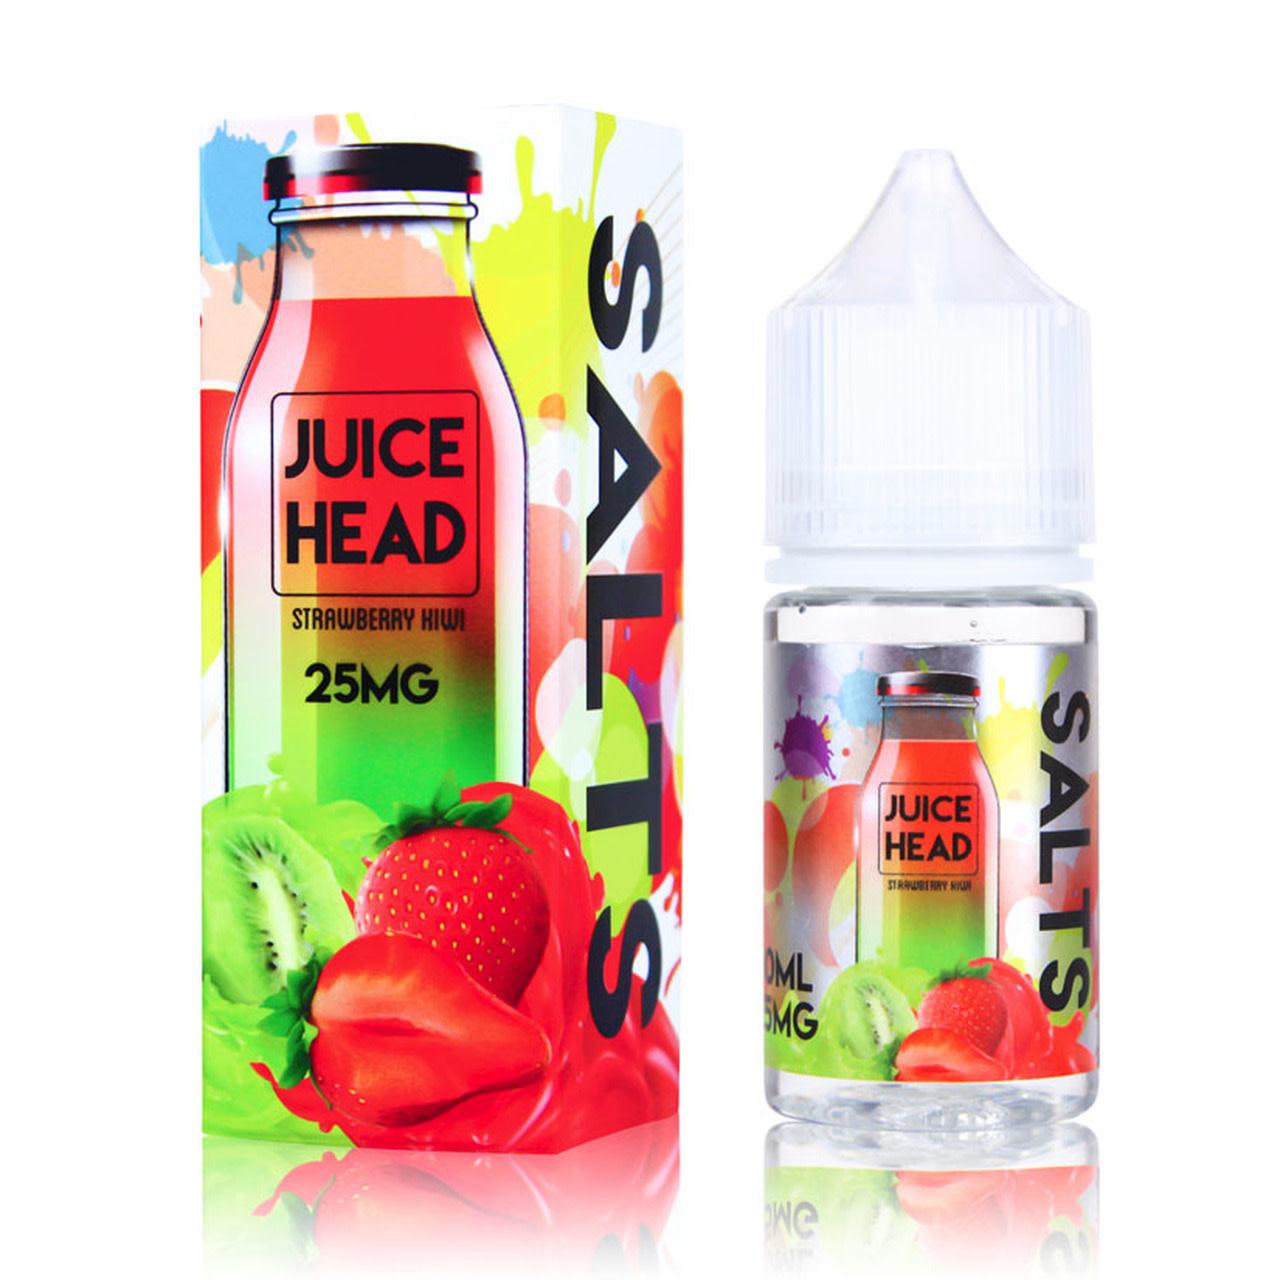 Juice Head Juice Head - Strawberry Kiwi Salts